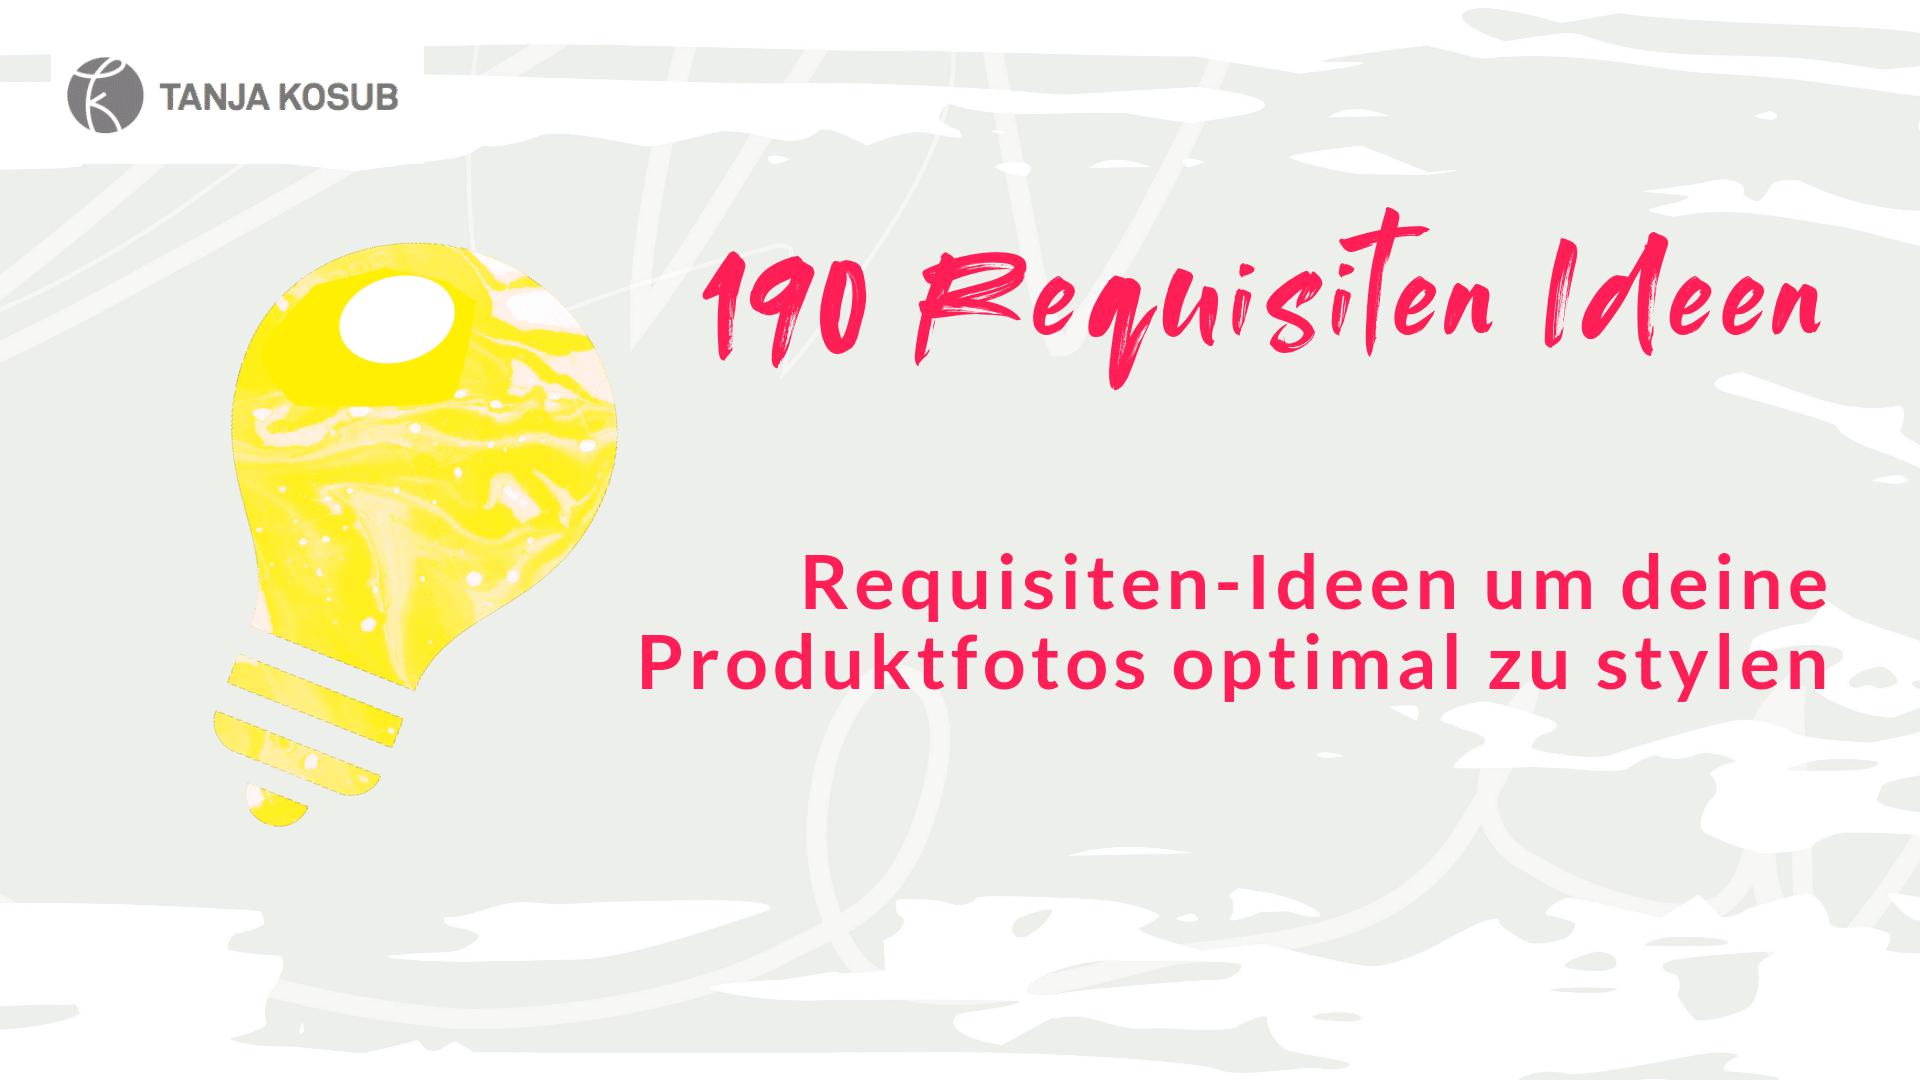 Requisiten-Ideen für deine Lifestylefotos